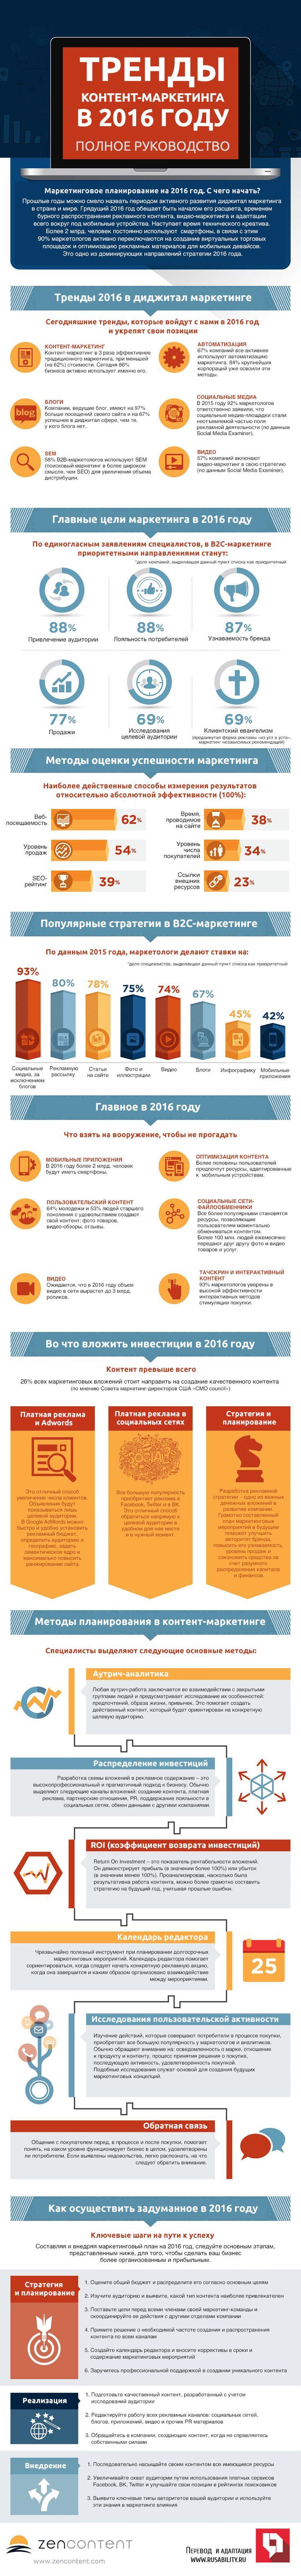 Контент-маркетинг, тренды 2016, стратегия, планирование.